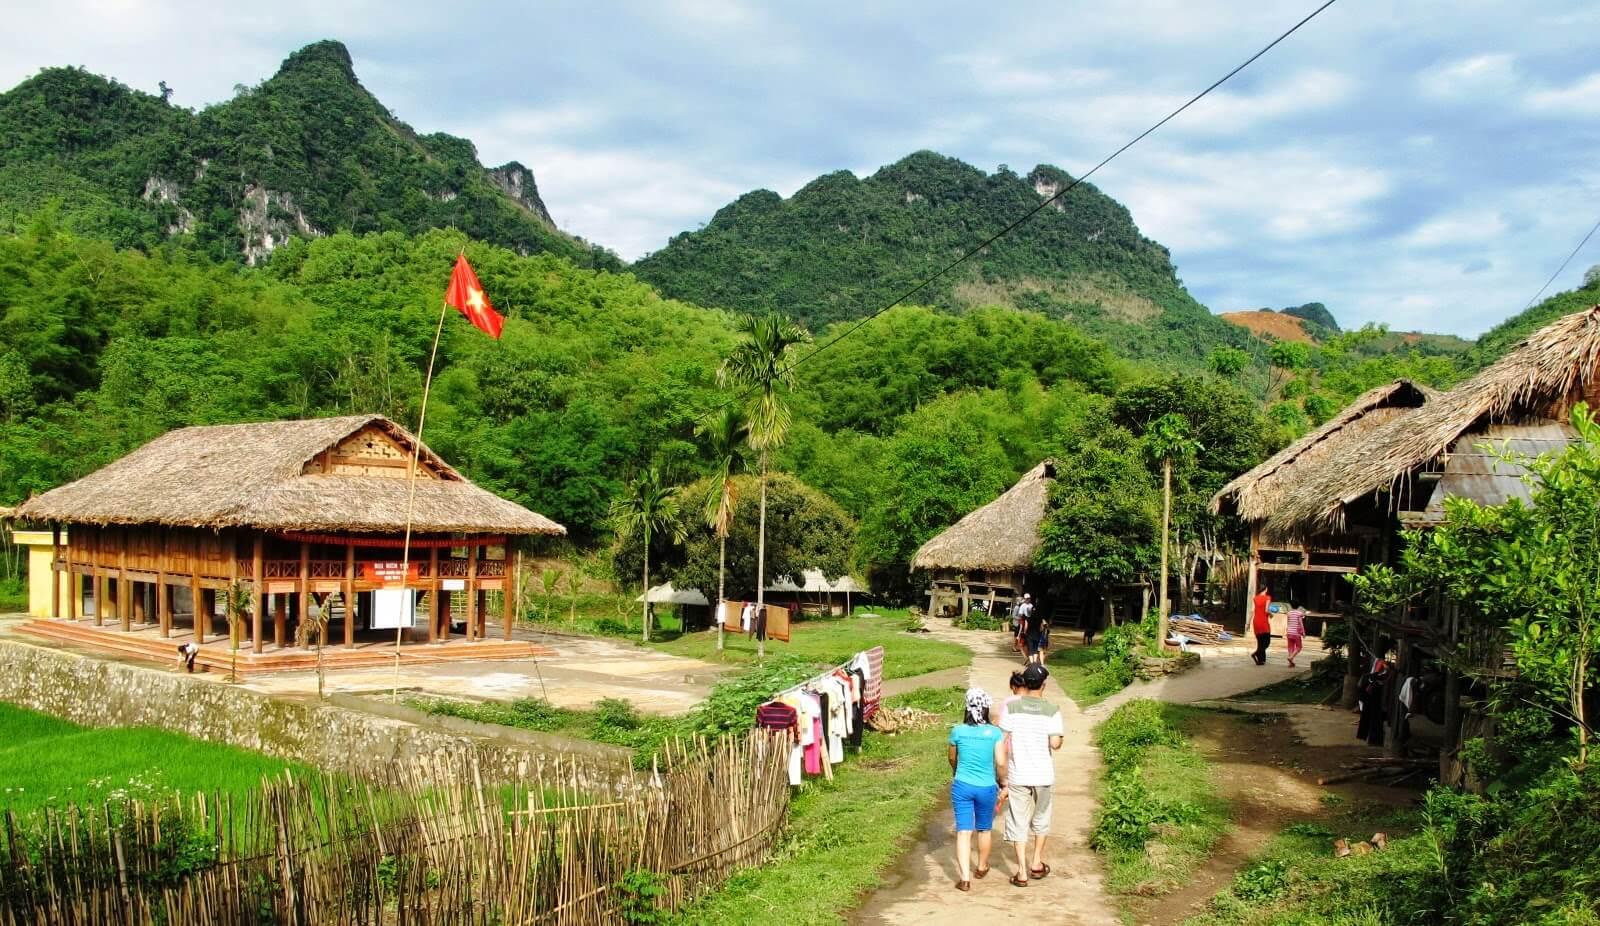 nord-ouest-vietnam-authentique-12-jours-visite-du-marche-de-lamour-moc-chau